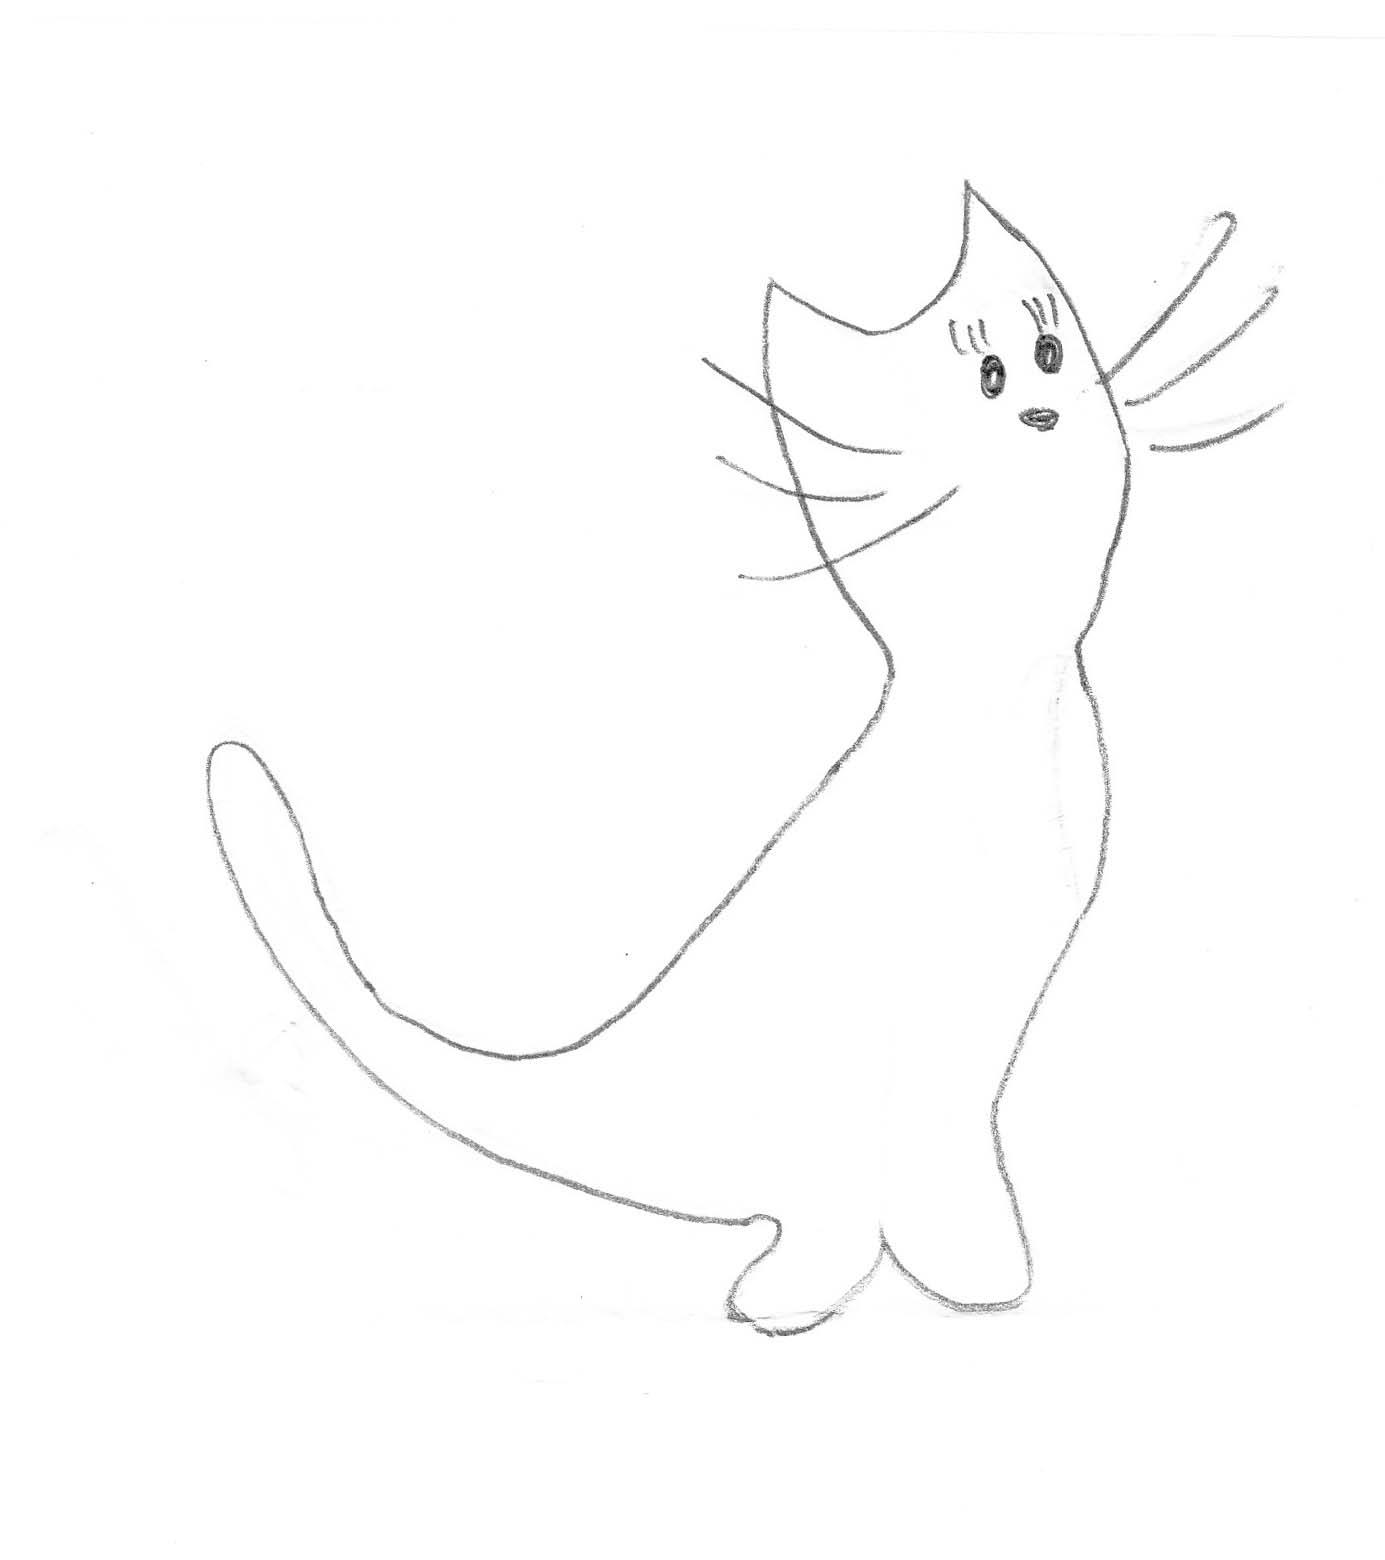 Как сделать рисунок на тапках